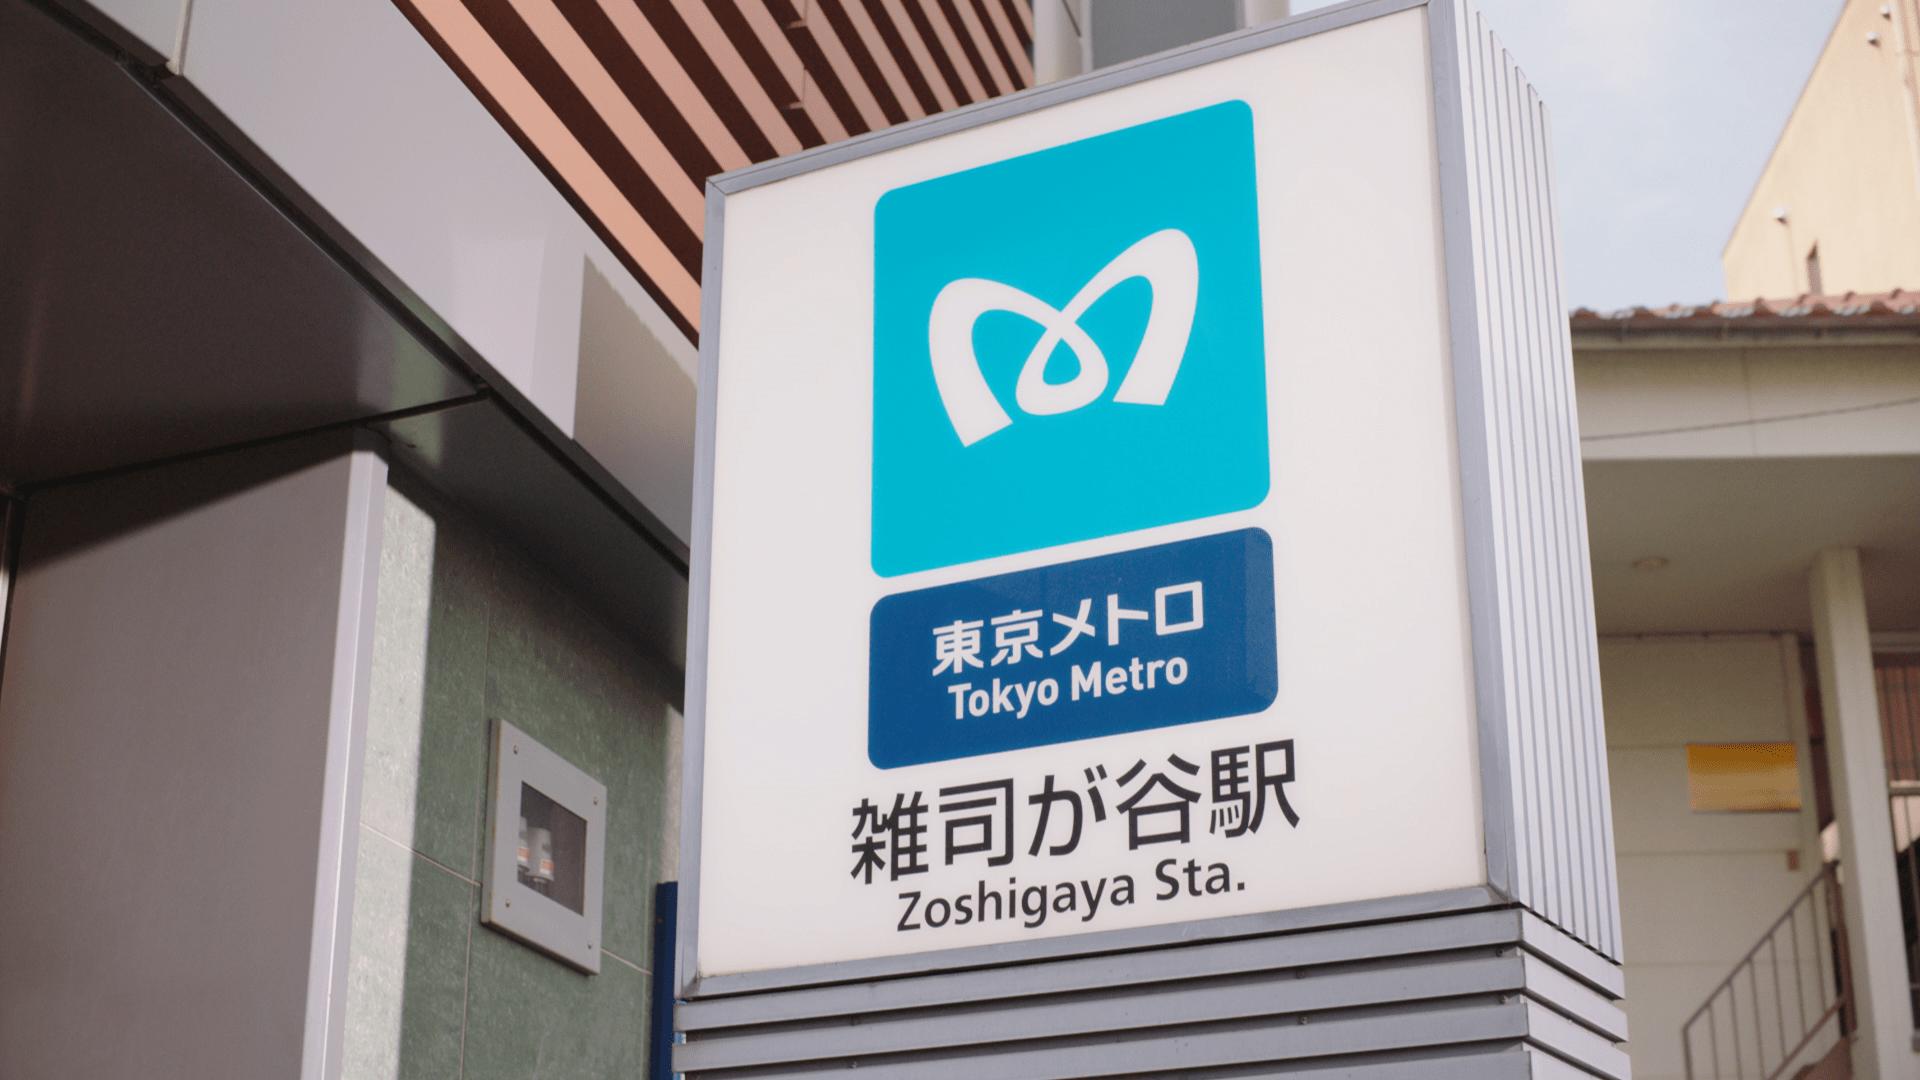 石原さとみ/東京メトロ「Find my Tokyo.」新CM「雑司が谷_ひと工夫が散りばめられた街」篇(2019年)